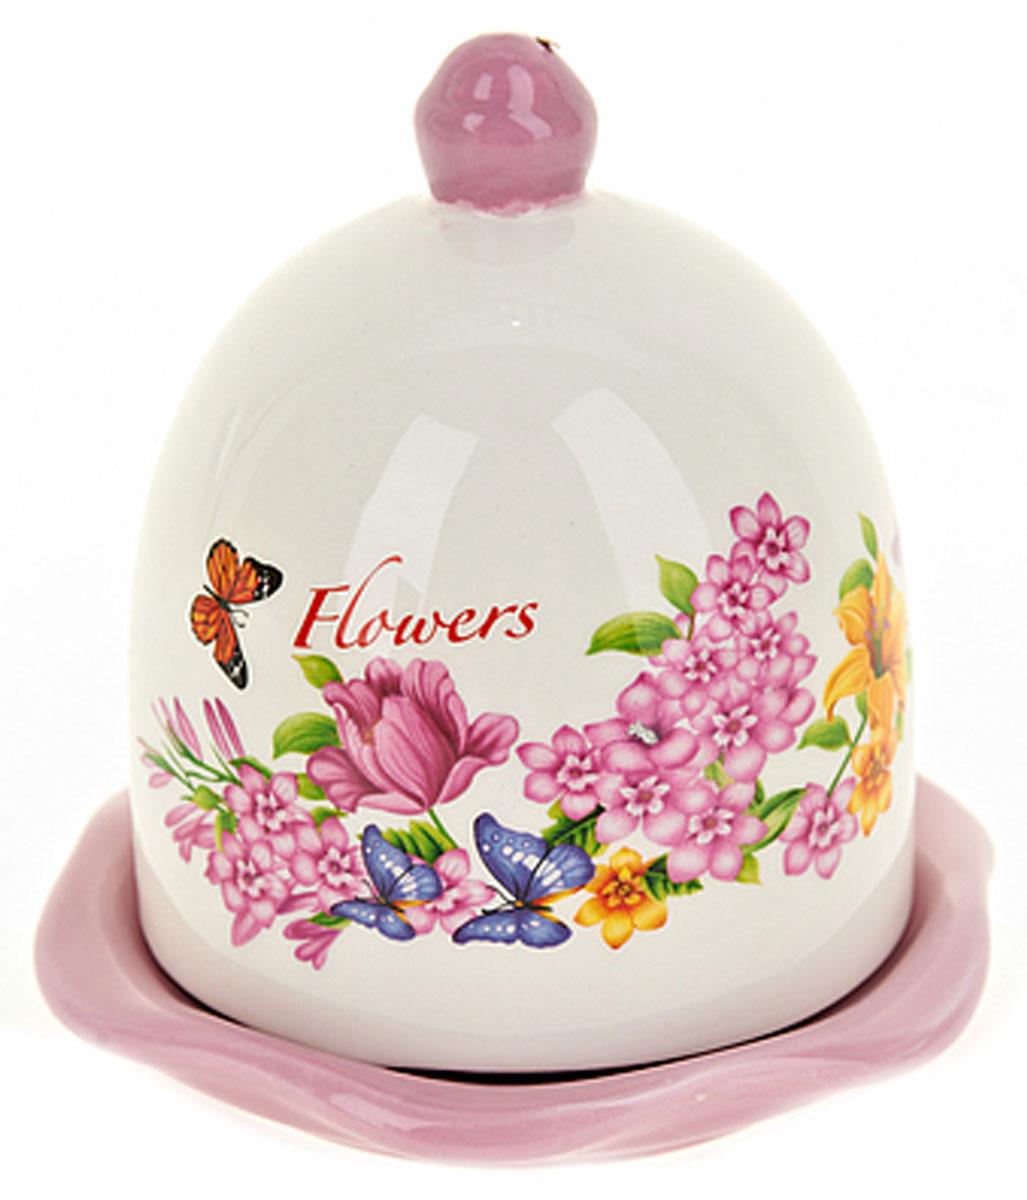 Лимонница ENS Group Flowers-Loreto, 9 х 9 х 12 см. L2430639L2430639Лимонница Flowers- Loreto выполнена из высококачественной керамики и состоит из блюдца и крышки. Изделие украшено оригинальным узором. Лимонница Flowers- Lorento доставит истинное удовольствие ценителям прекрасного и поможет сохранить свежесть лимона на длительный срок. Яркий дизайн, несомненно, придется вам по вкусу. Не рекомендуется мыть в посудомоечной машине.